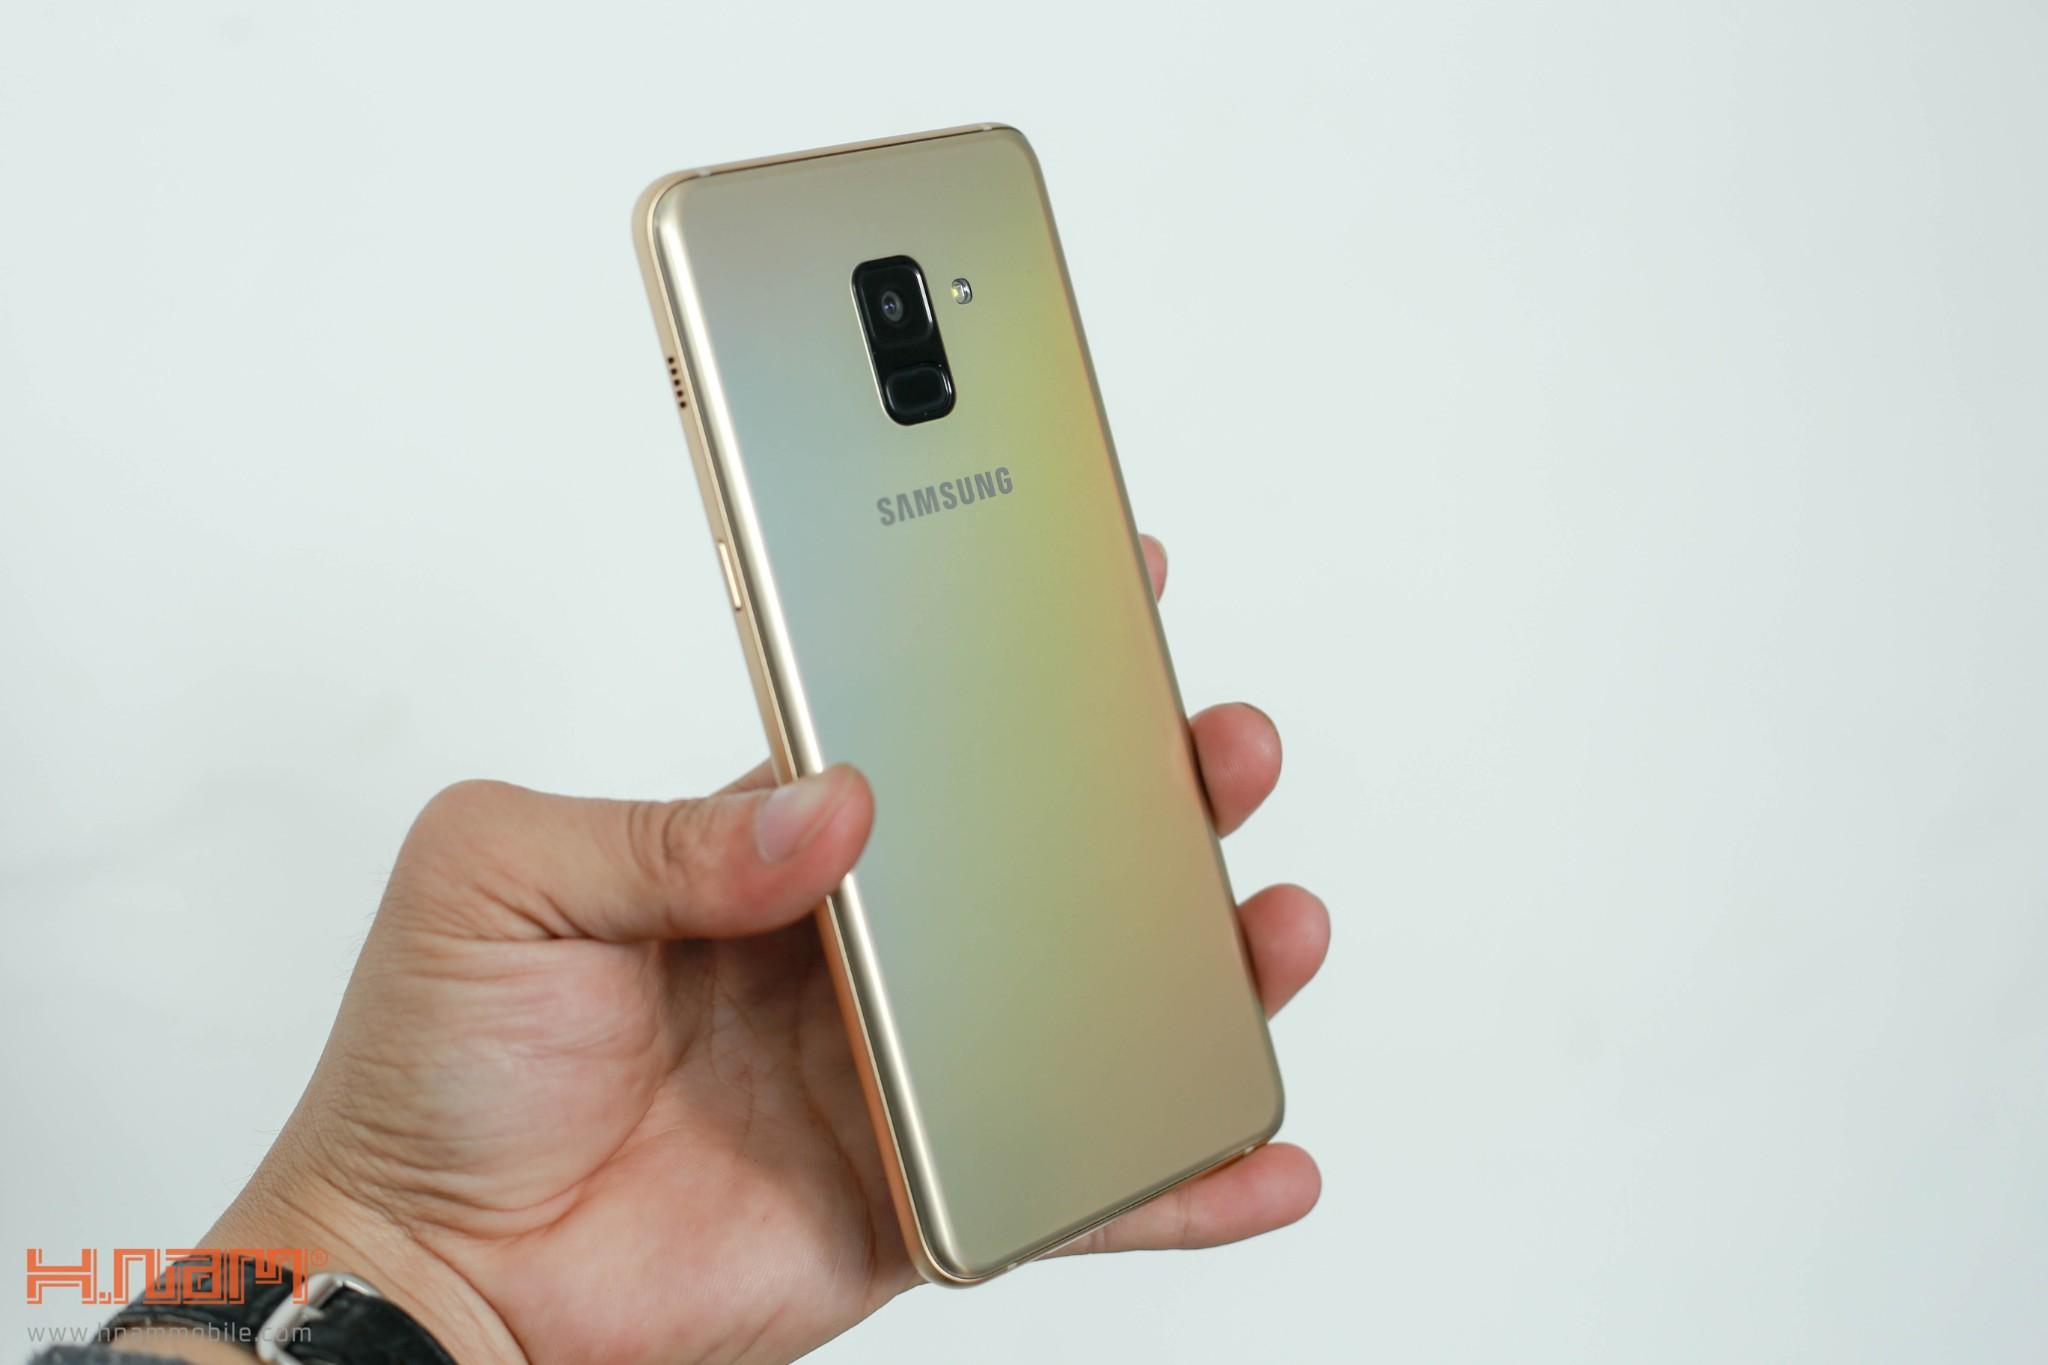 Đánh giá thiết kế Galaxy A8/ A8+: Vẻ đẹp sang trọng của kim loại và kính hình 5